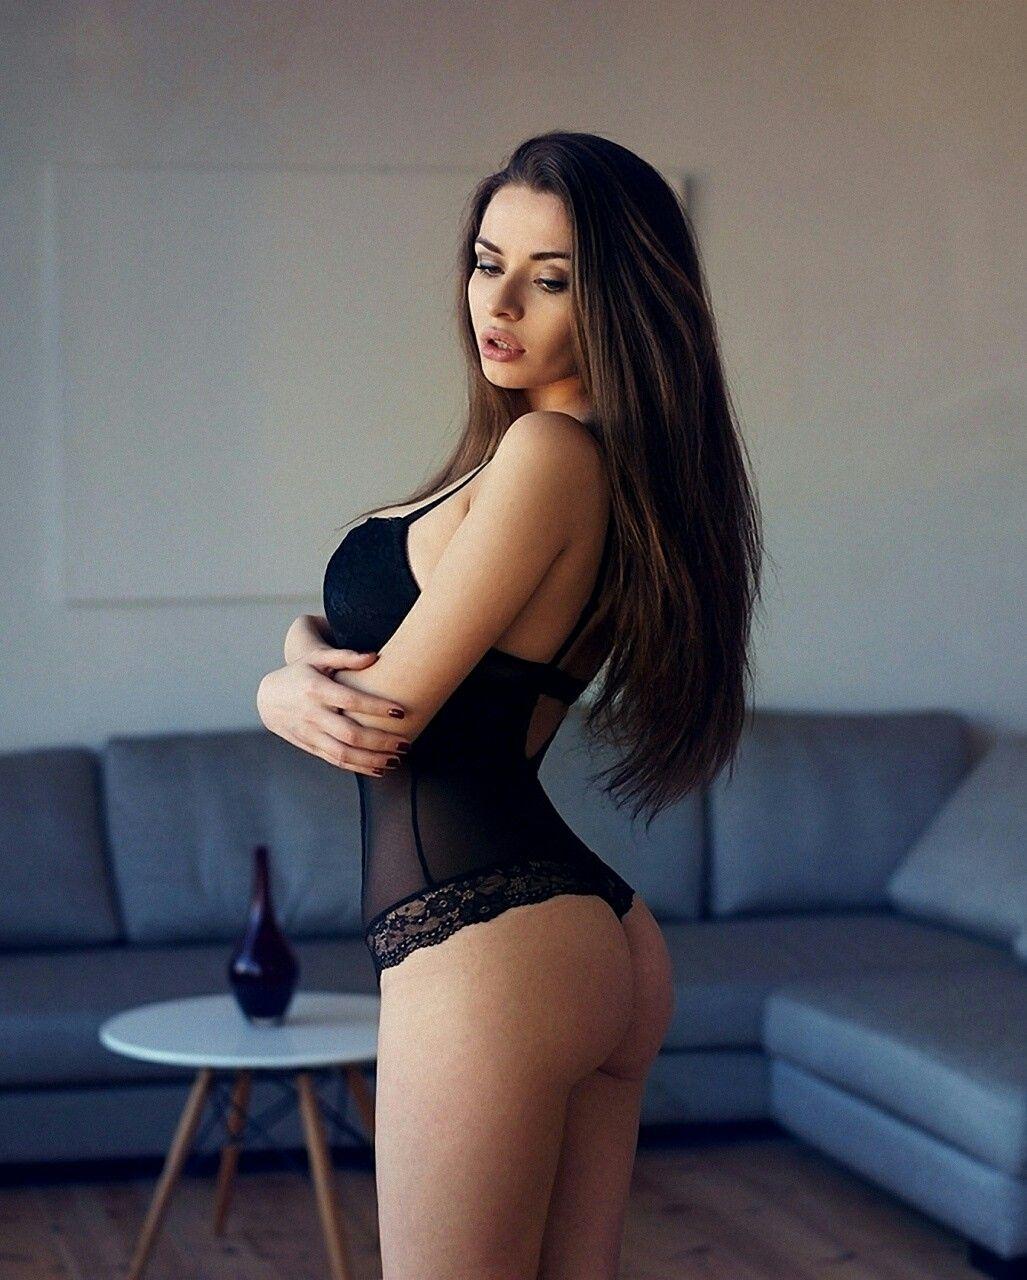 Hot chubby girl next door pics